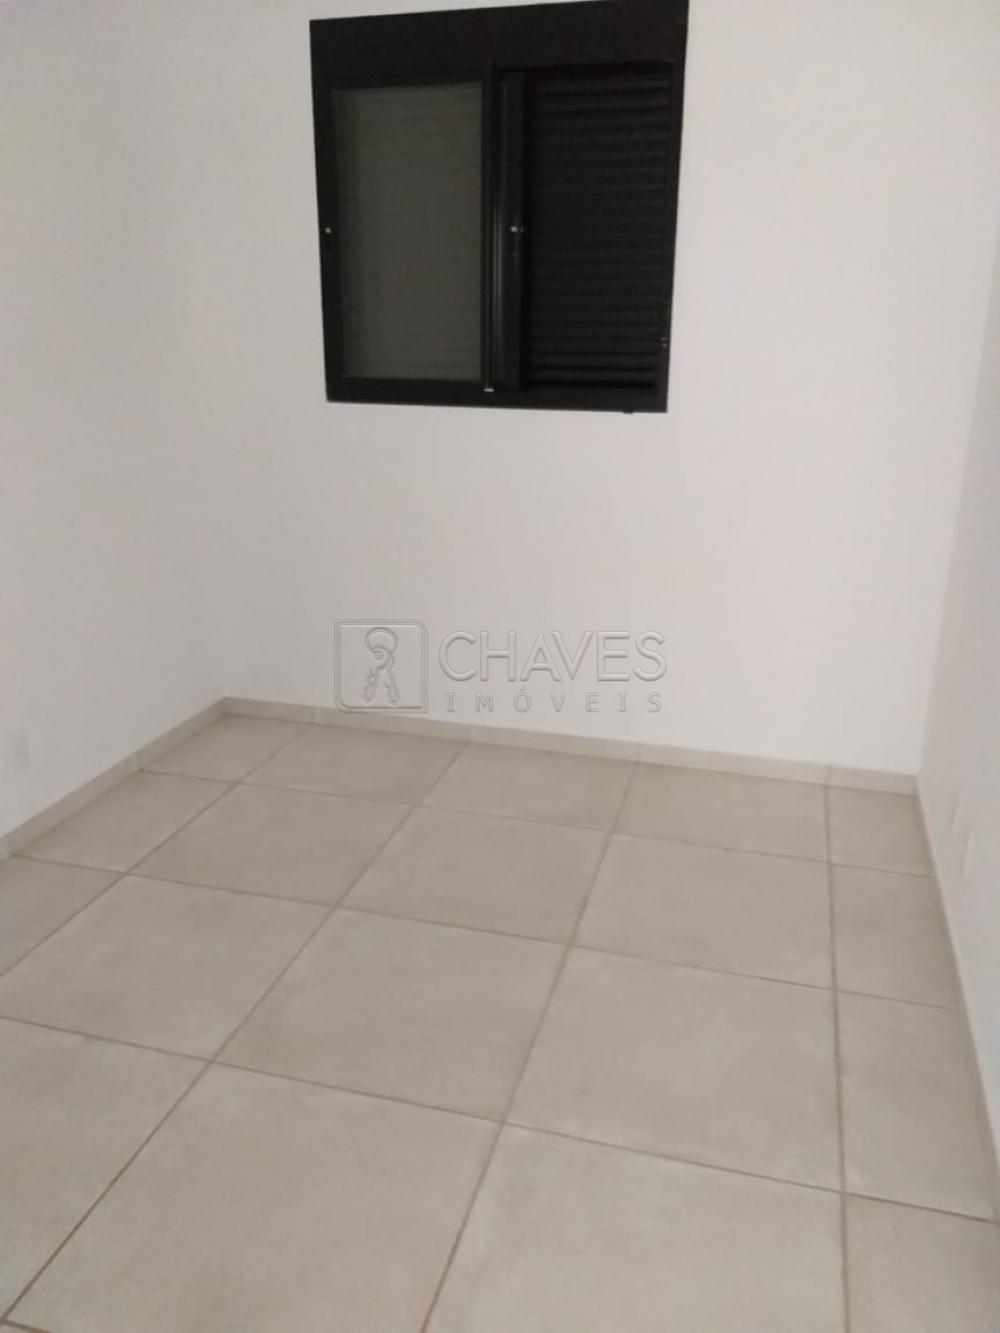 Alugar Apartamento / Padrão em Bonfim Paulista apenas R$ 900,00 - Foto 4